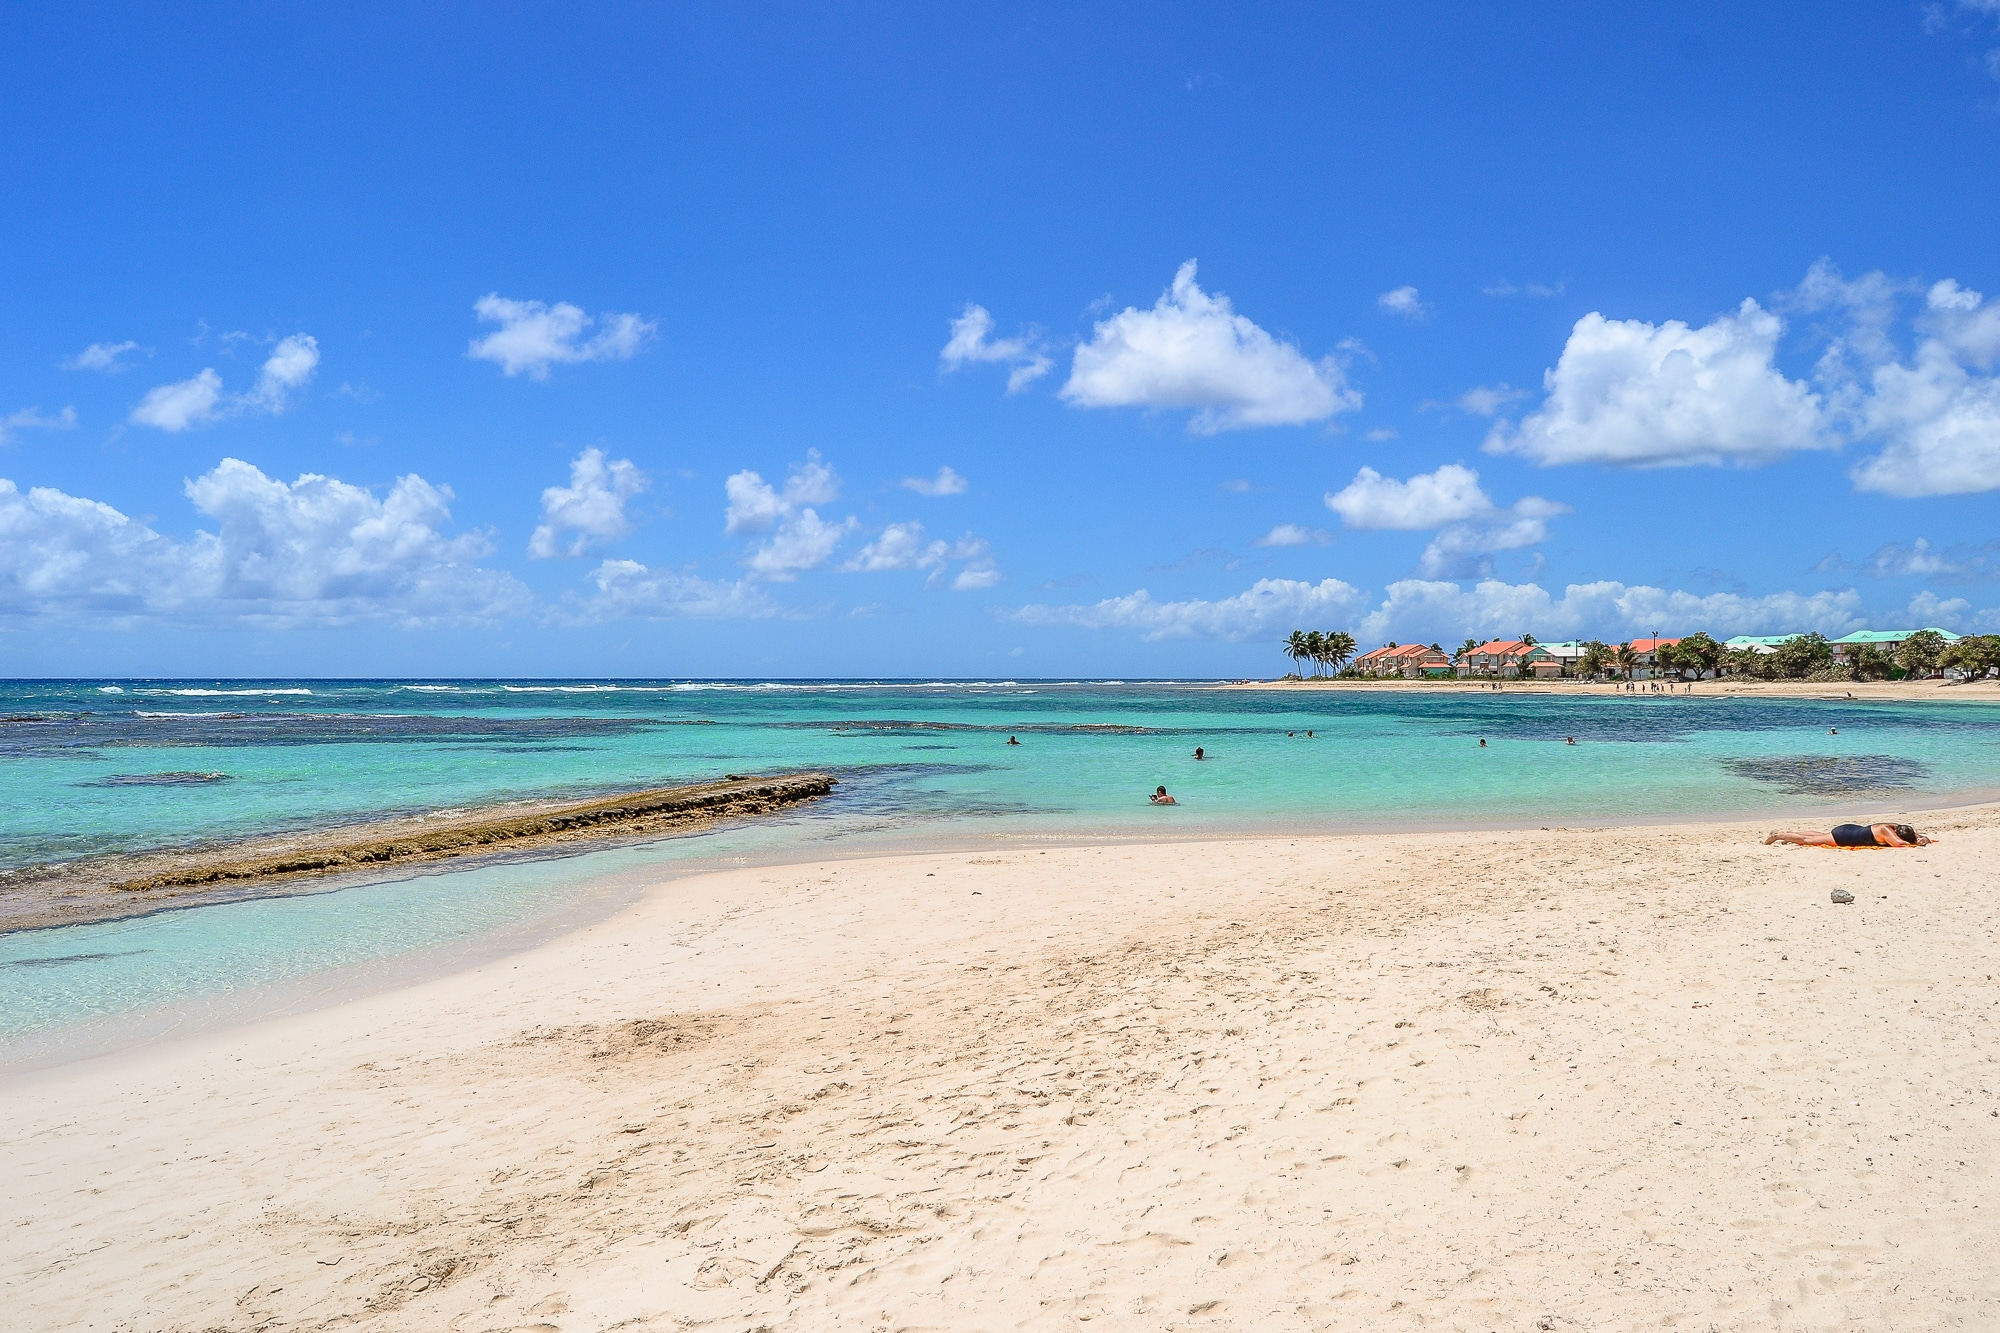 Reisetipps für Guadeloupe: So schön ist die Karibikinsel